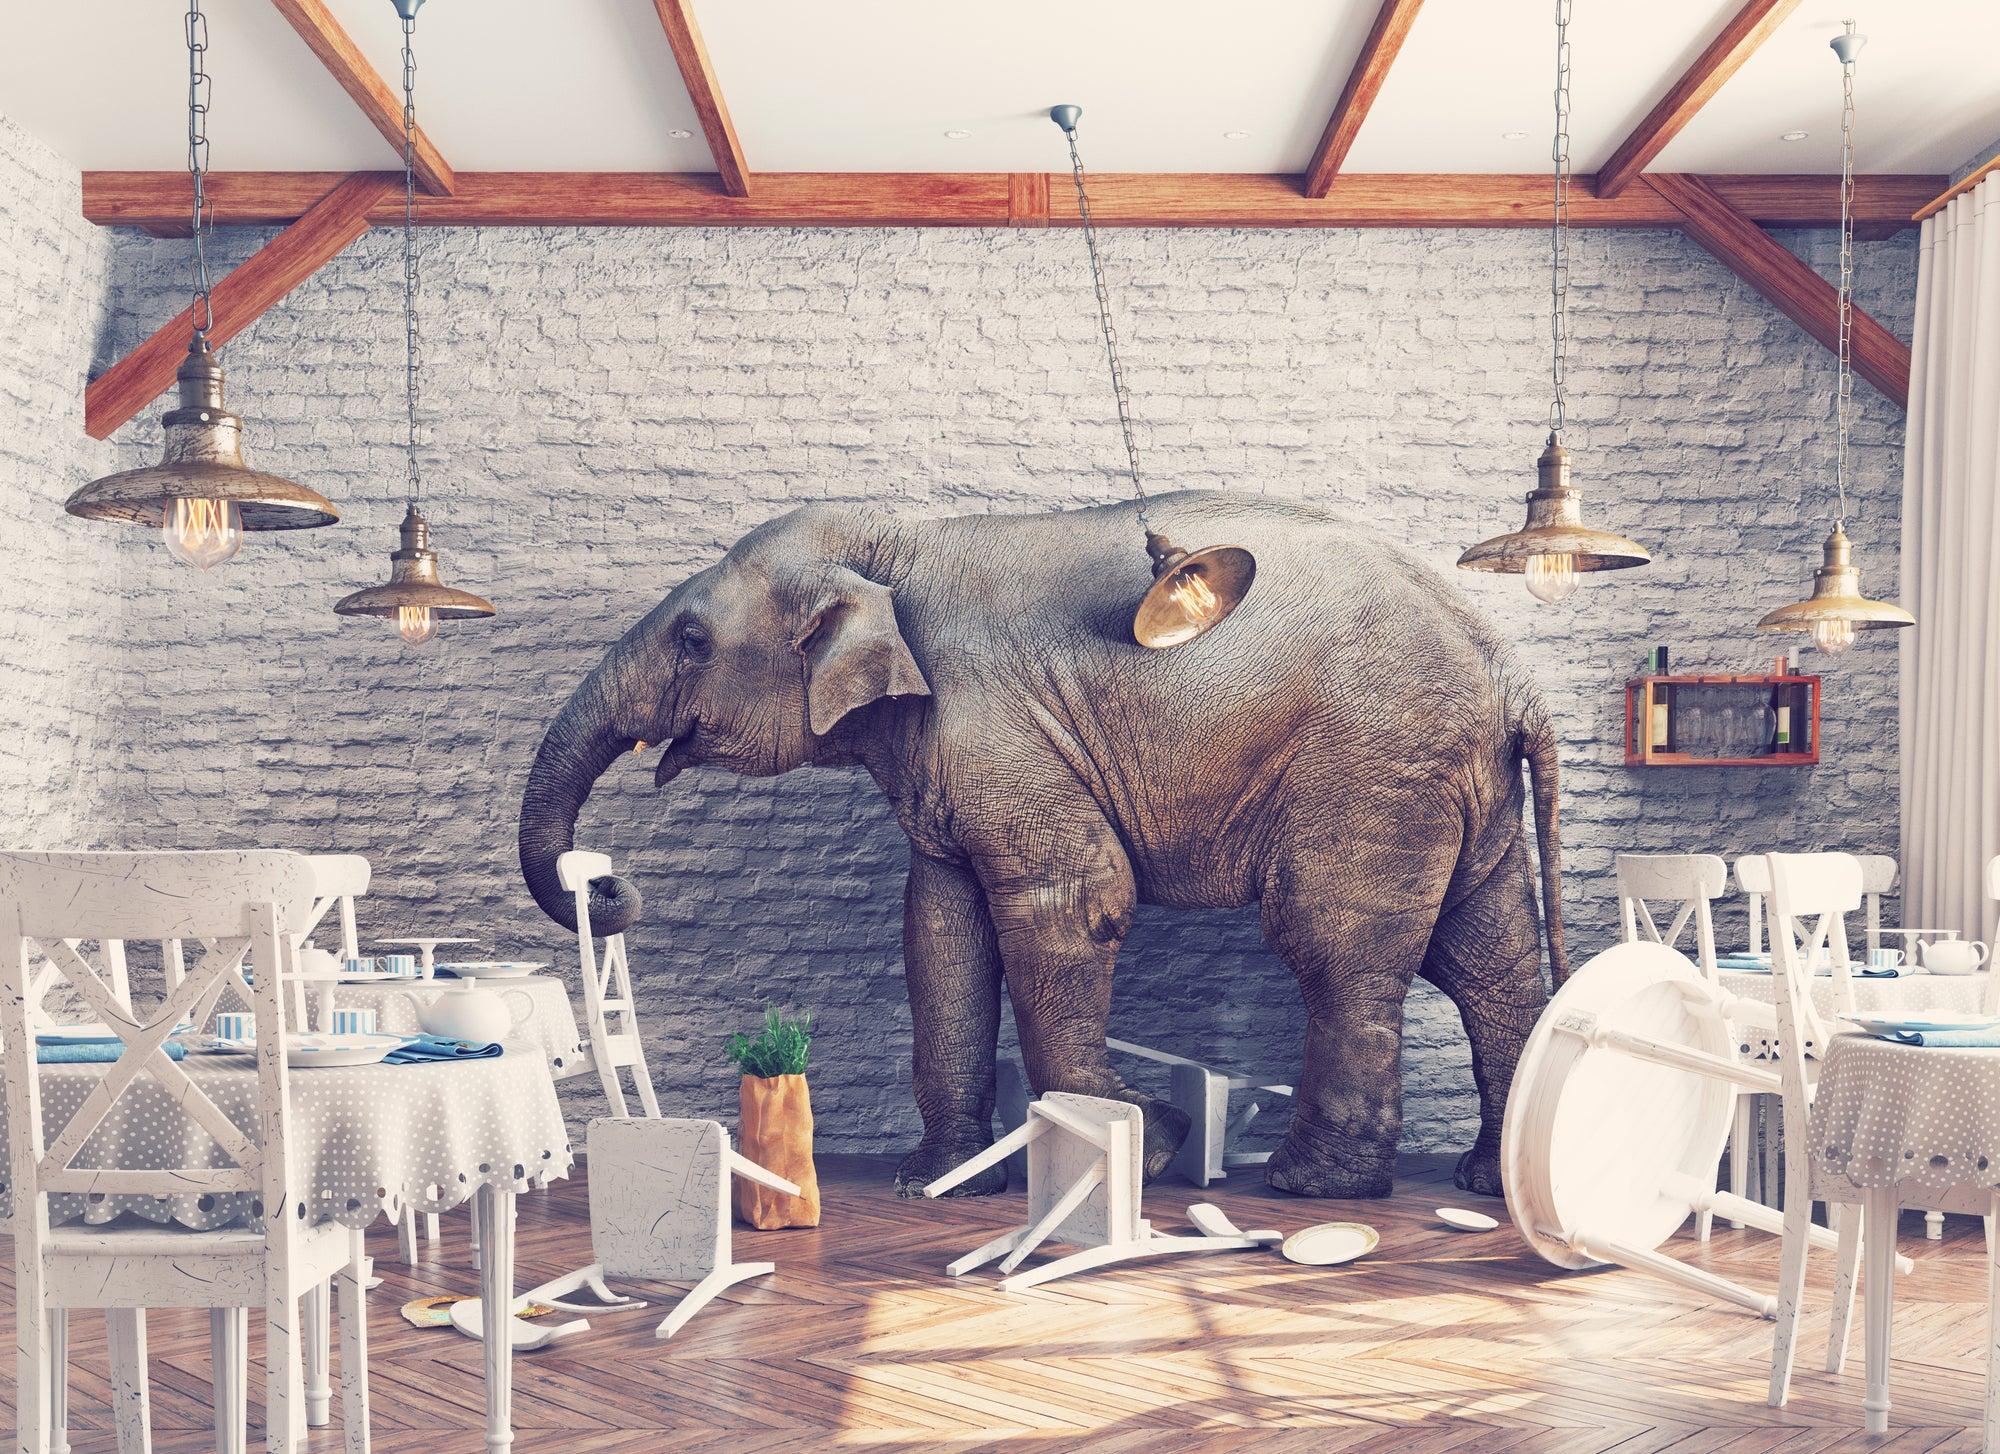 An elephant causing chaos inside a restaurant